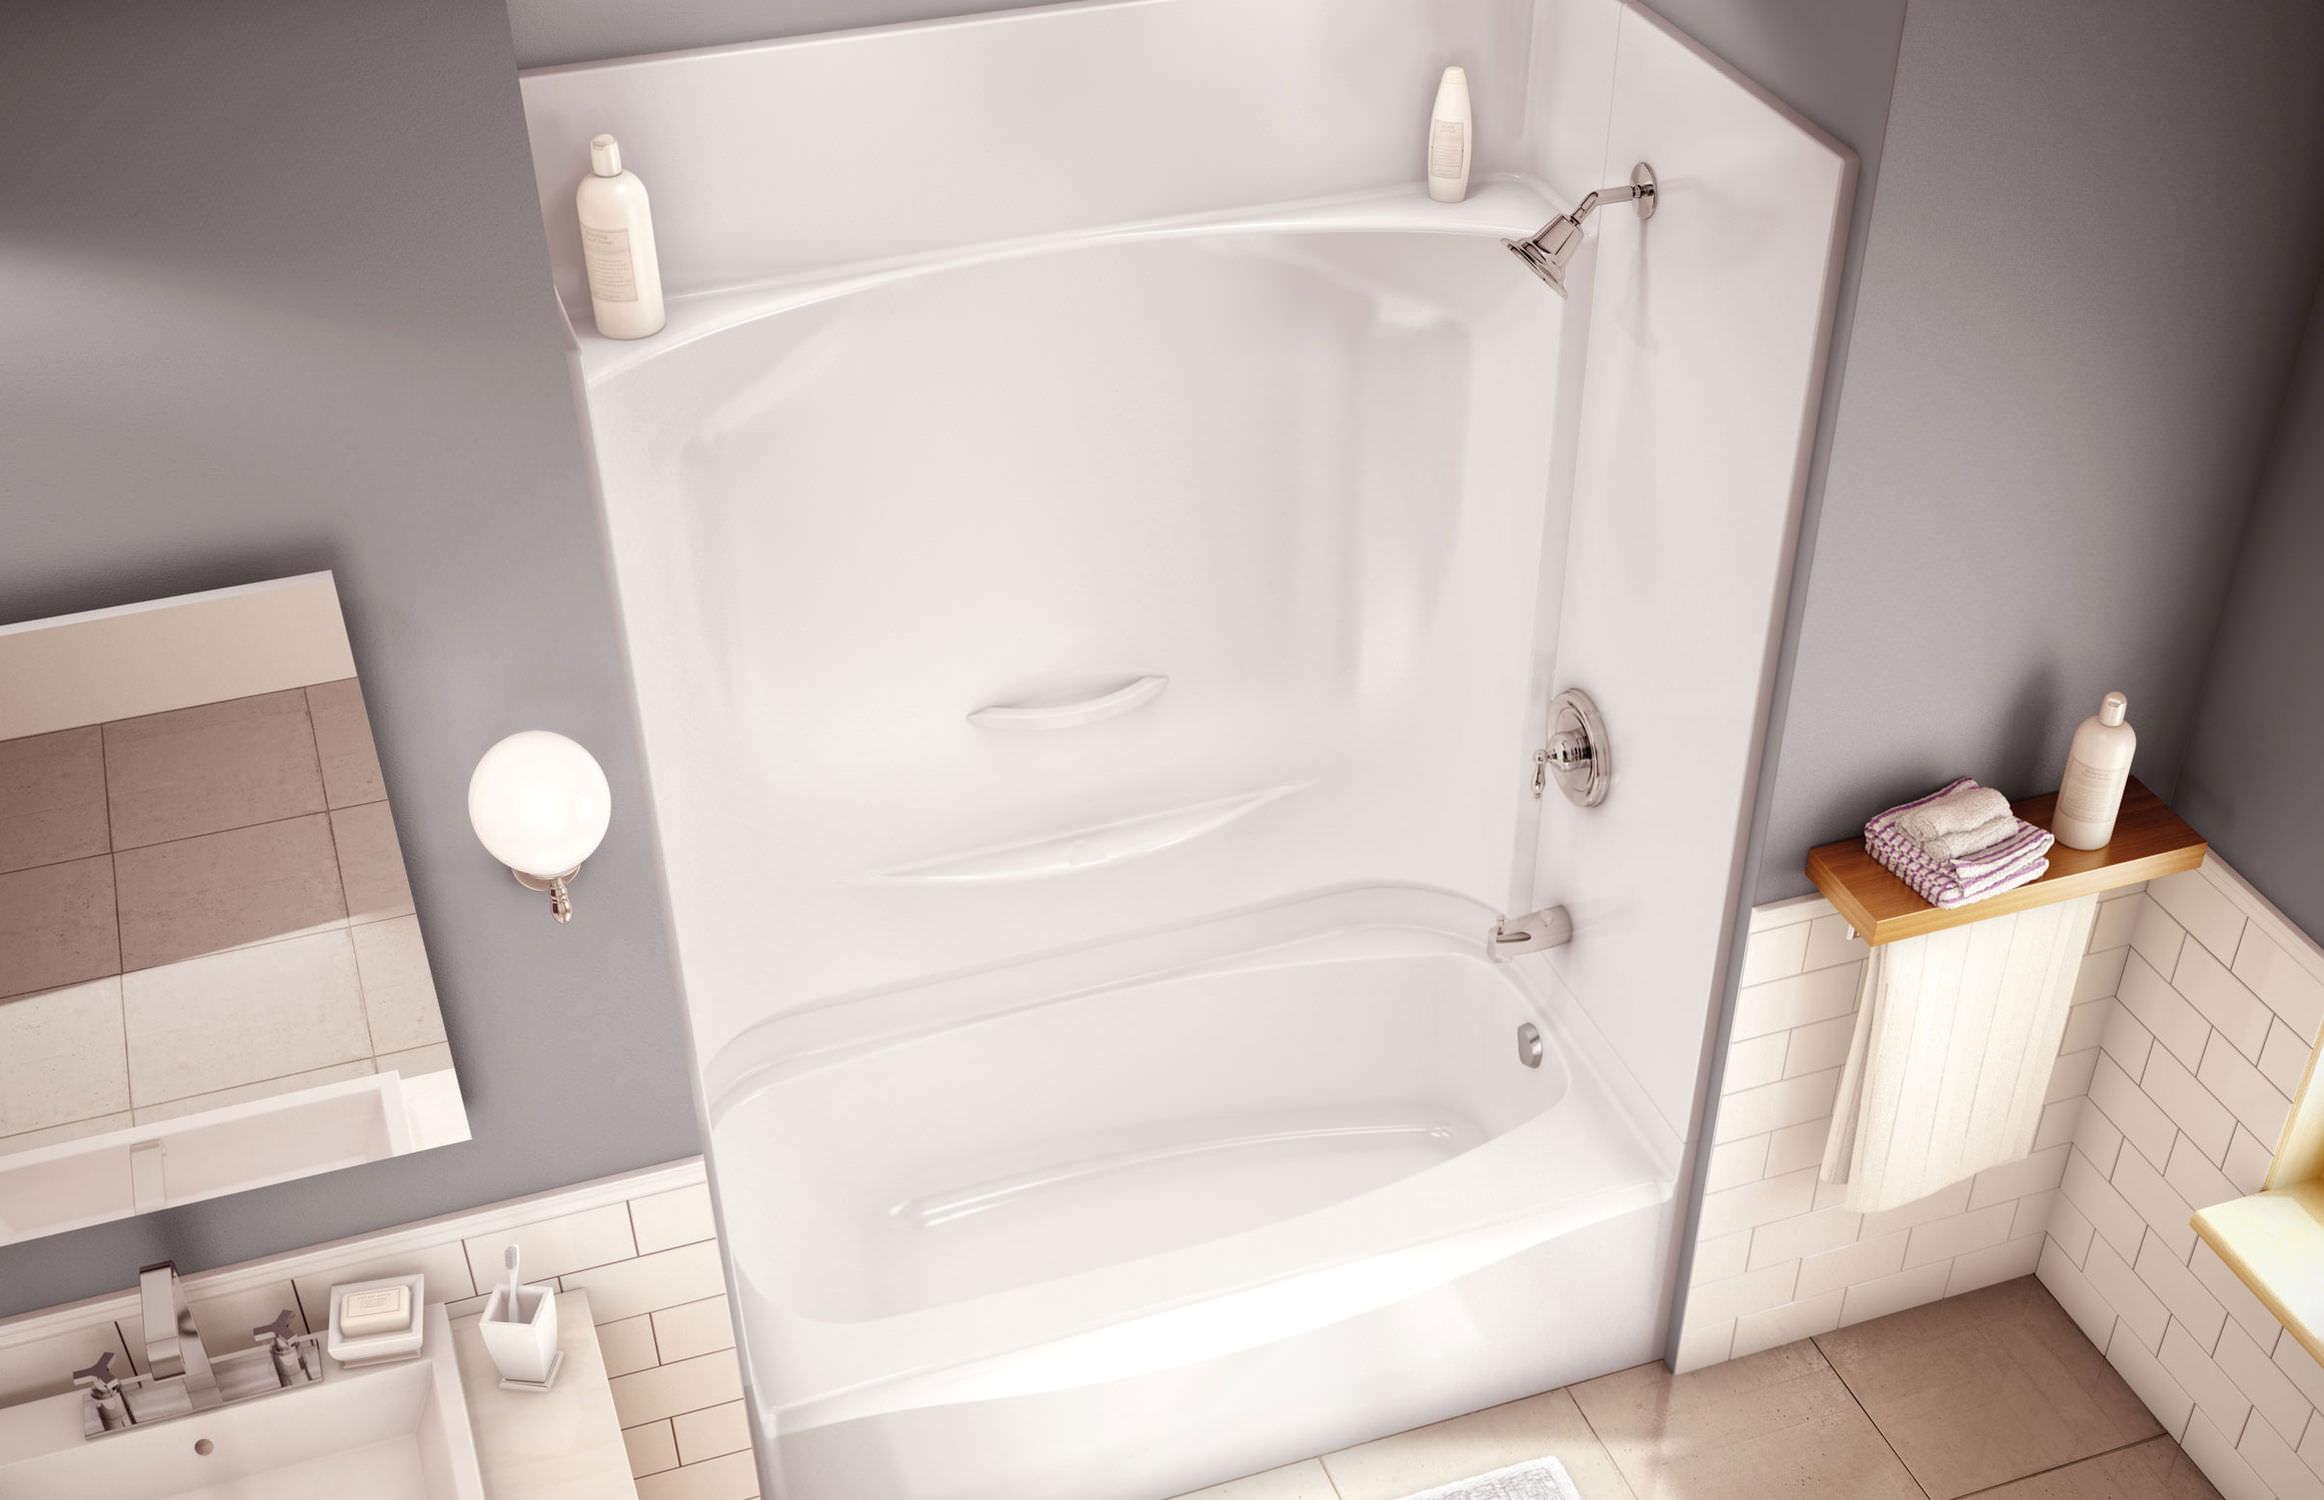 Vasca Da Bagno Rettangolare : Fantastico vasca da bagno incasso rettangolare in acrilico